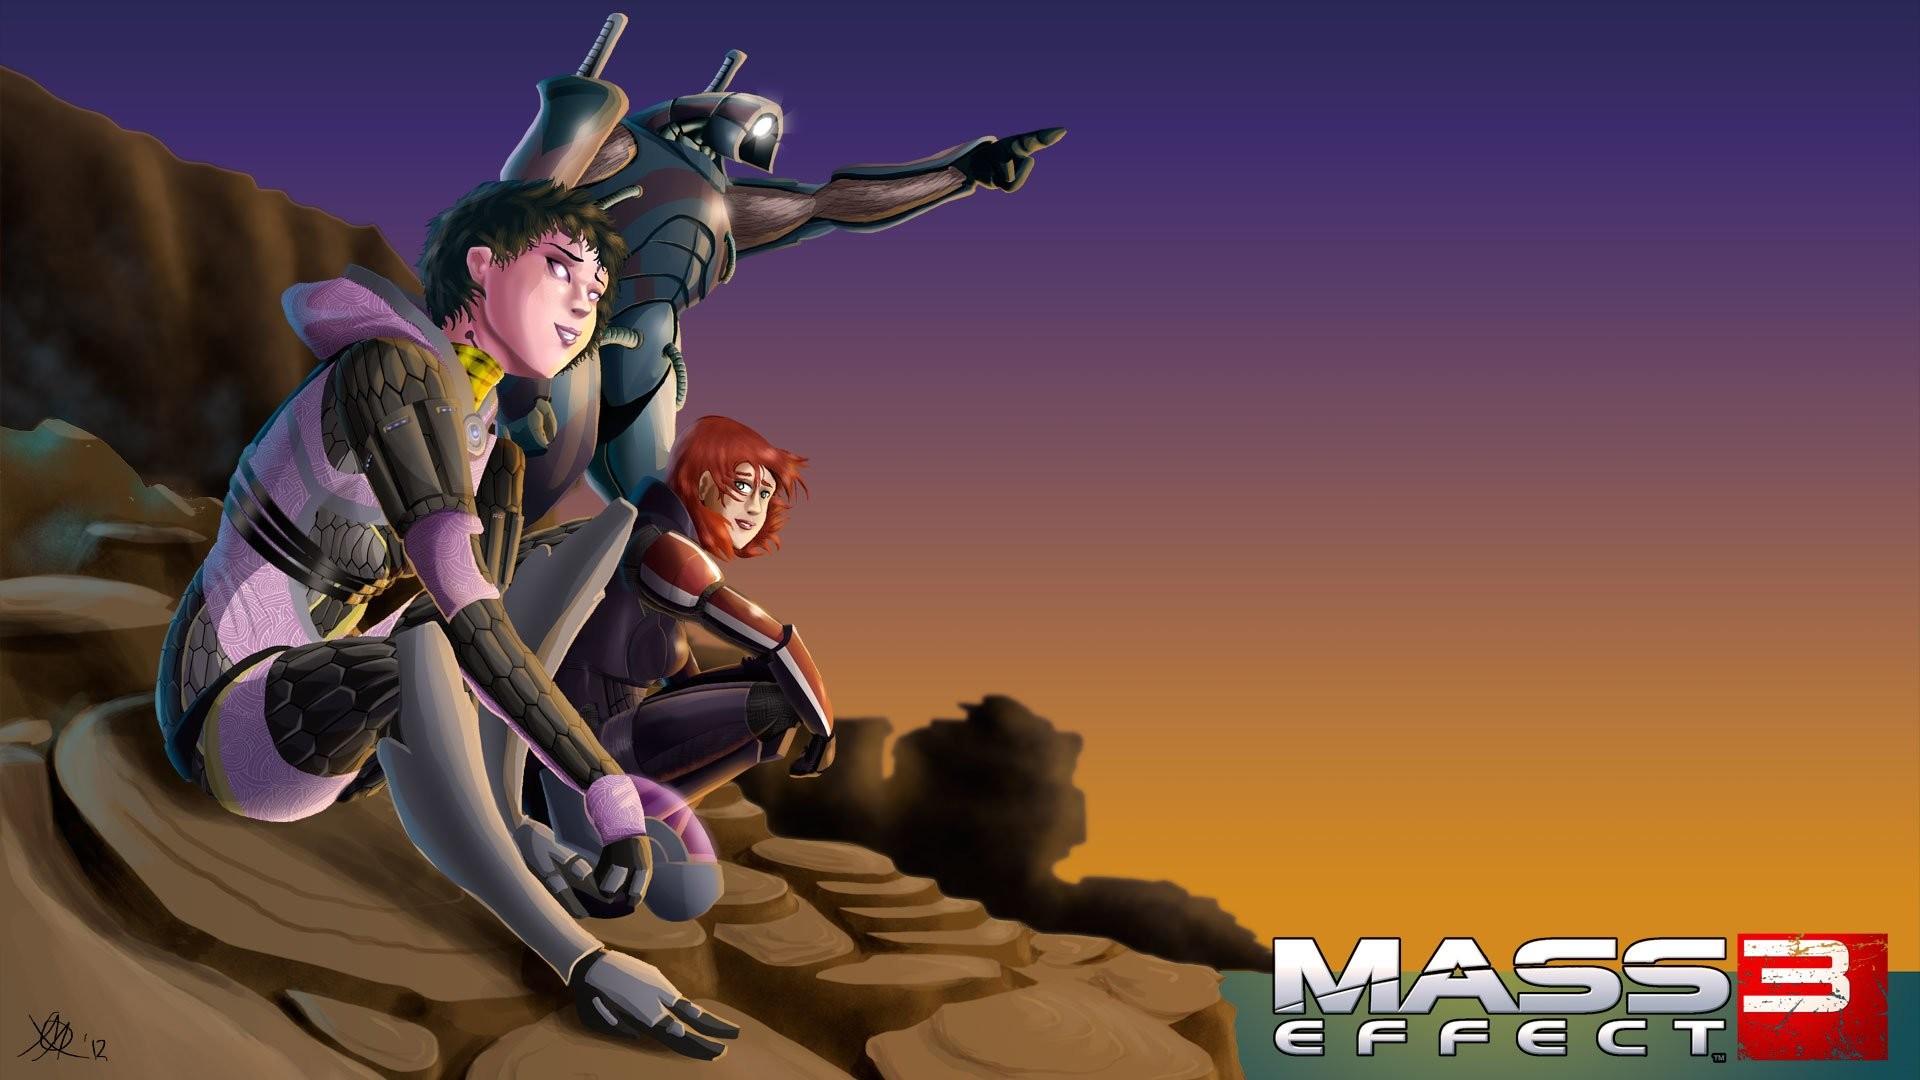 Video Game – Mass Effect 3 Legion (Mass Effect) Commander Shepard Tali'Zorah